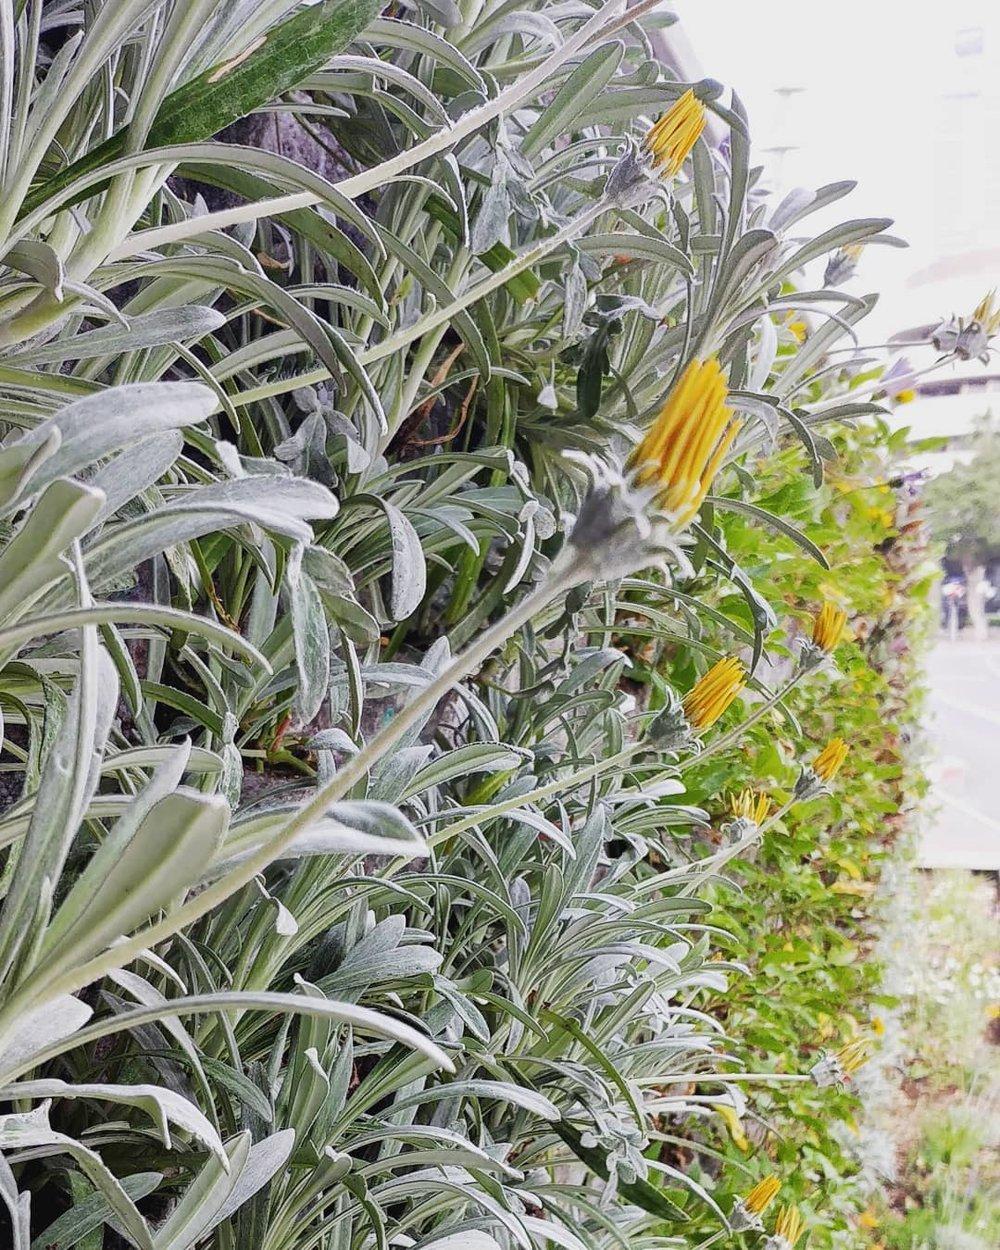 vicacity wall garden 3.jpg